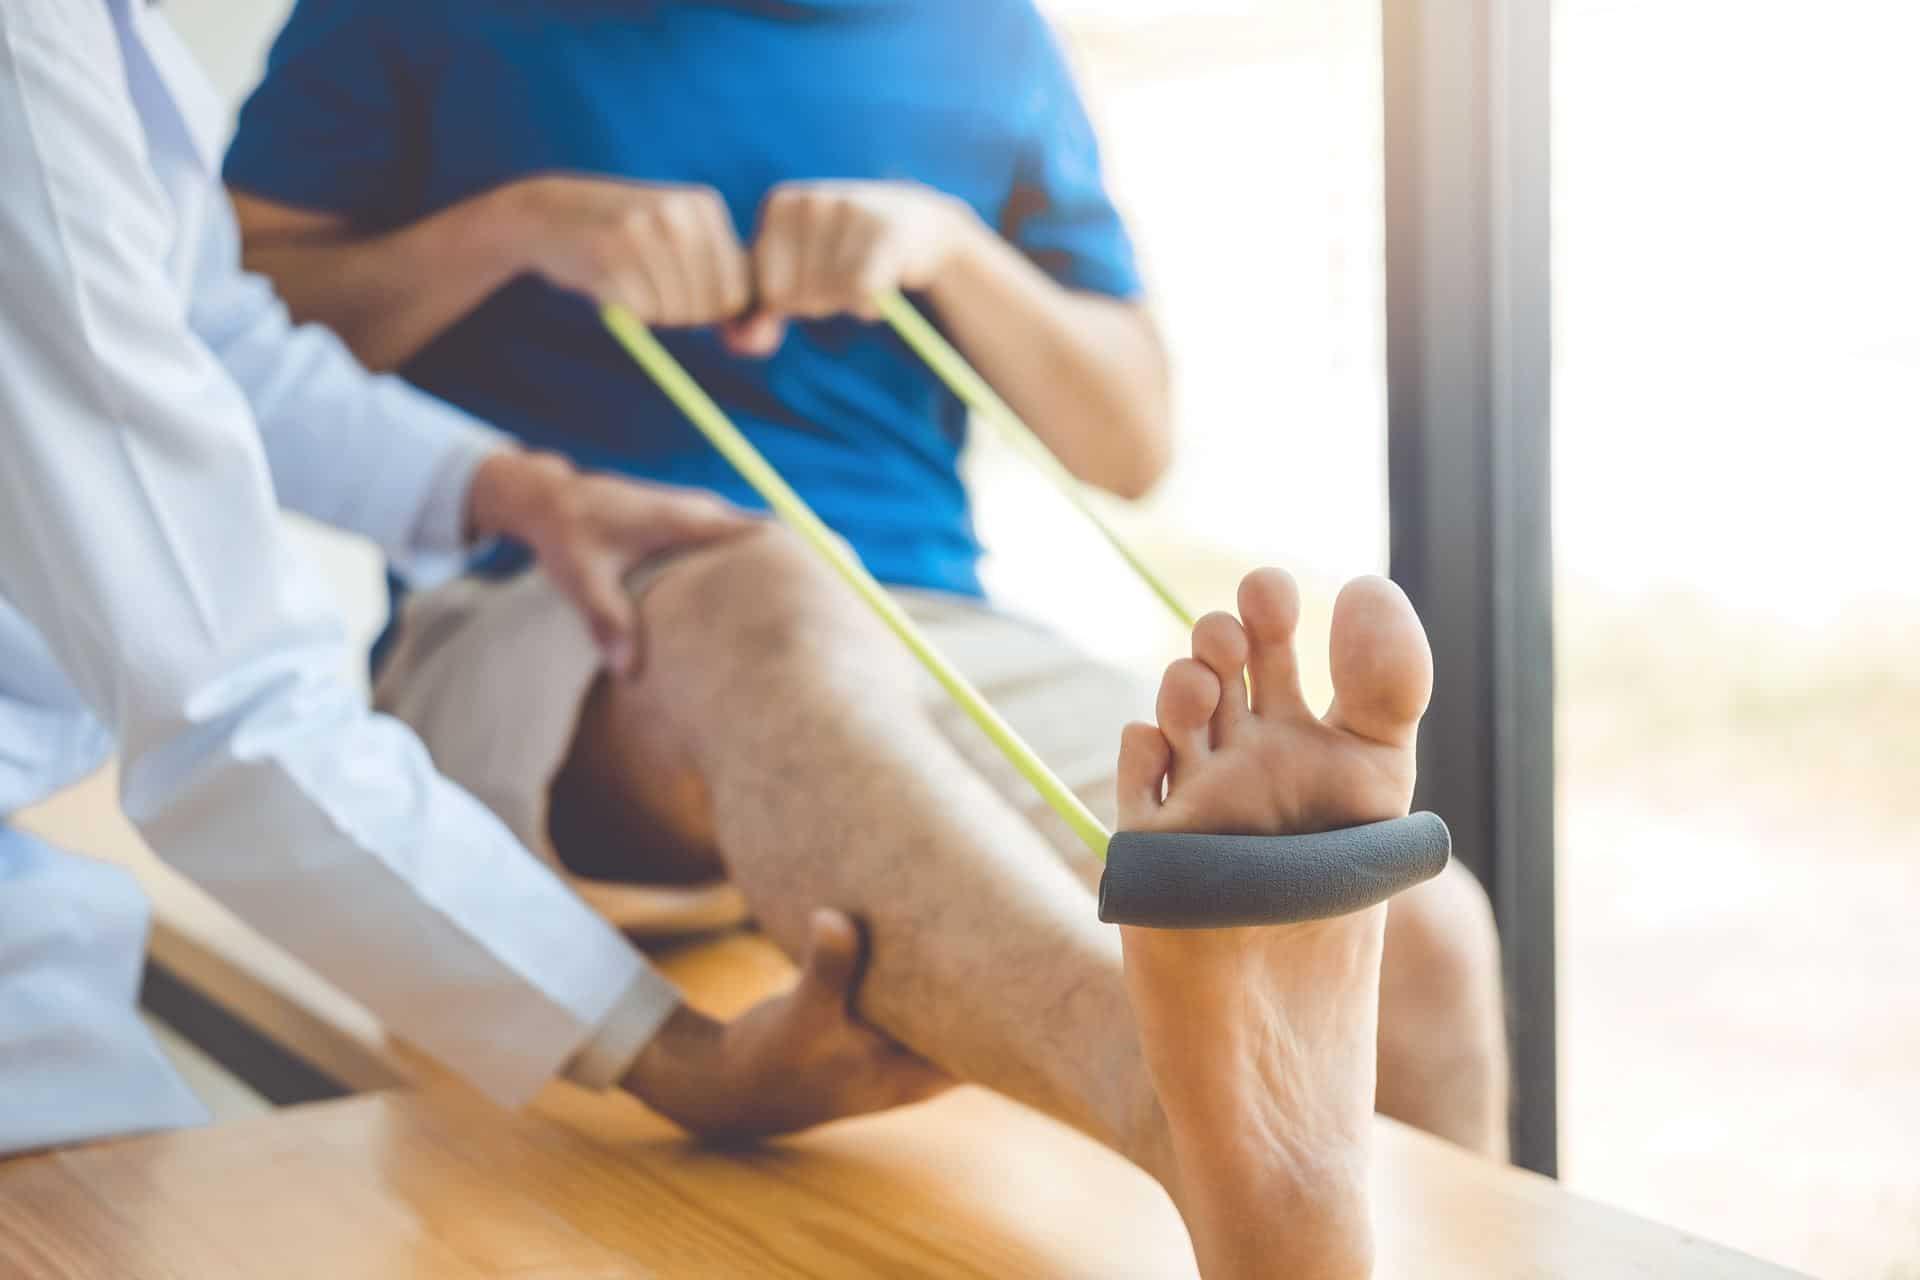 פיזיותרפיסט פרטי בבית - Restart Therapy פיזיותרפיה שיקומית